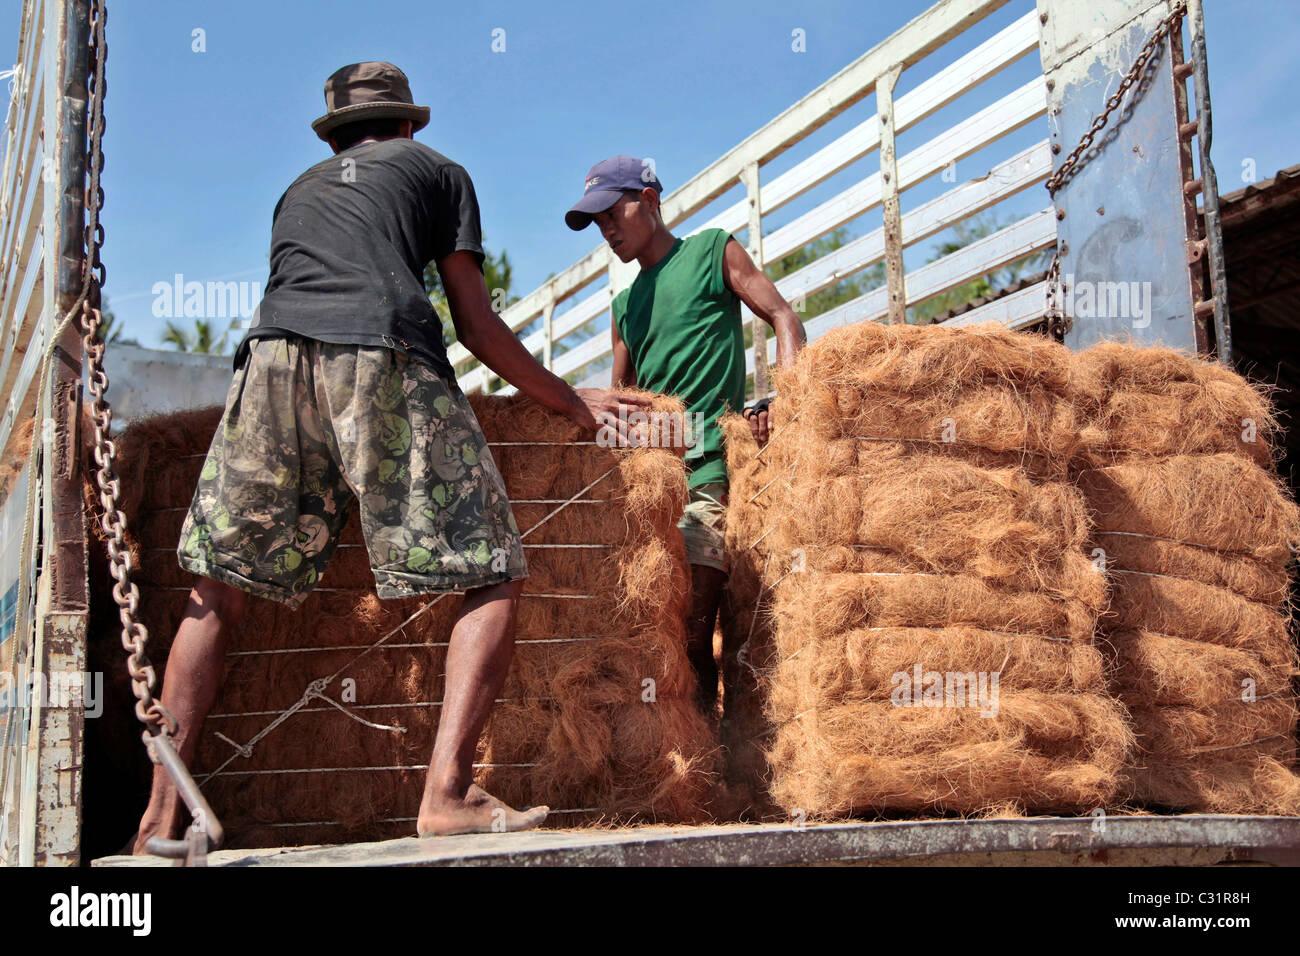 Lo scarico dei fasci, la produzione di fibra di noce di cocco per la realizzazione di materassi, BANG SAPHAN, Thailandia, Immagini Stock